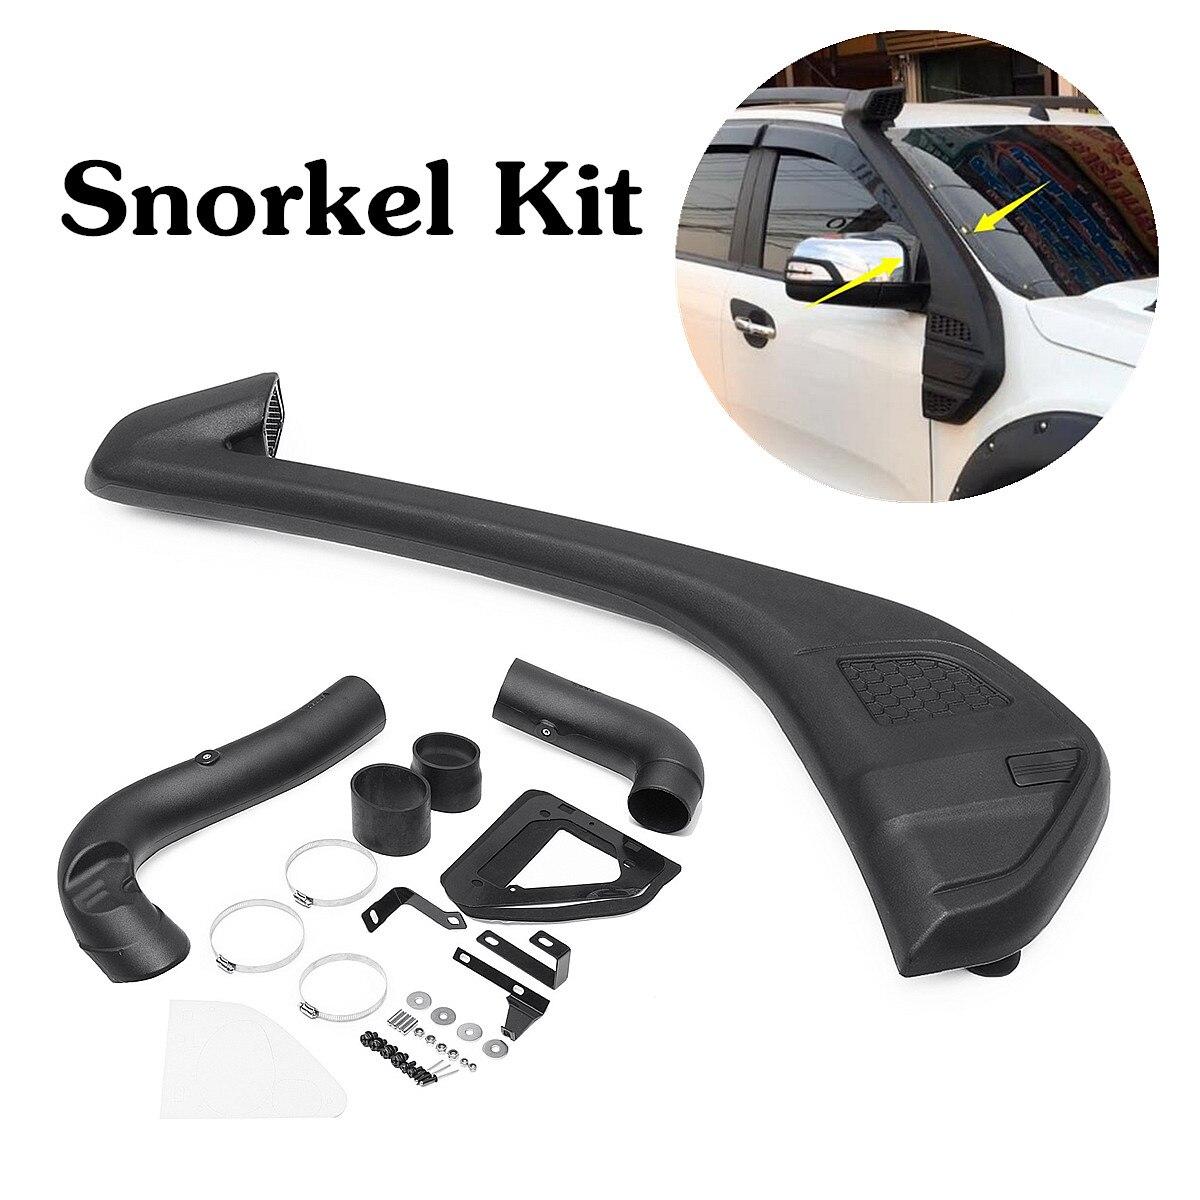 Snorkel de Entrada de ar Aumentar A Gasolina Diesel-Set Kit Para 2013 Ford-Ranger Wildtrak 110x30 T6 cm Preto Resistente AOS RAIOS UV de Polietileno Linear